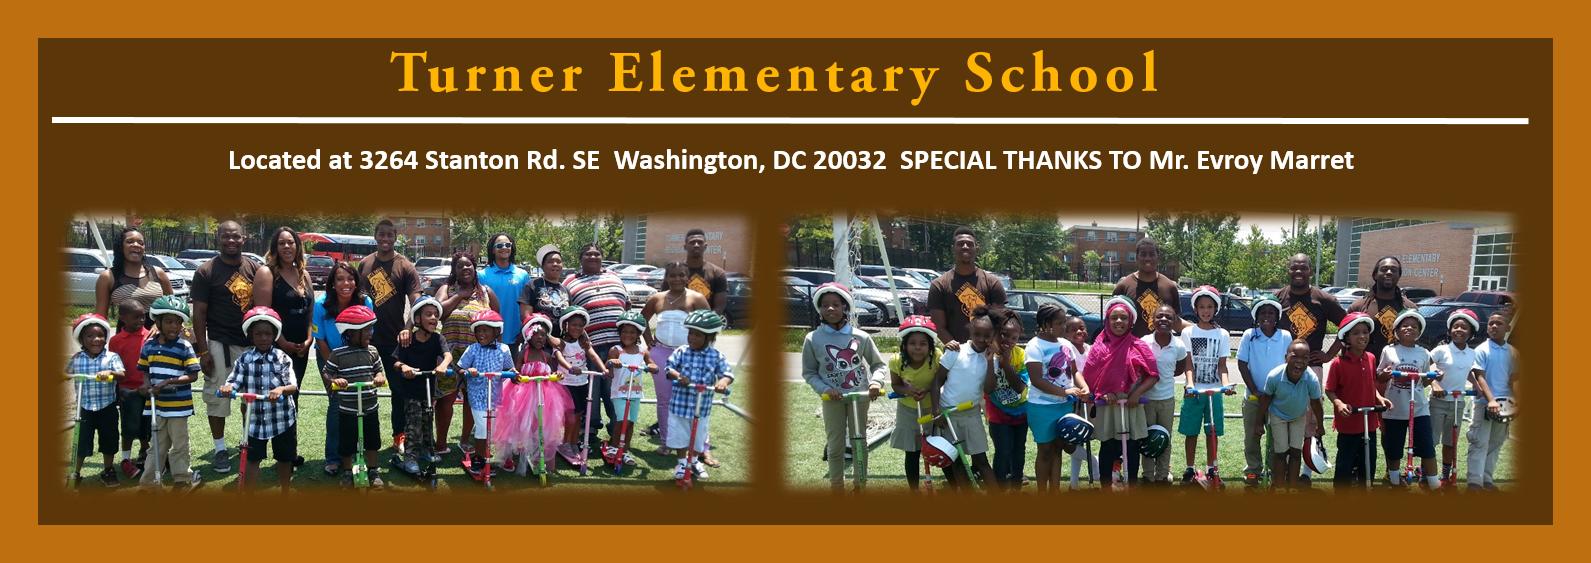 Turner_Elementary_School.png